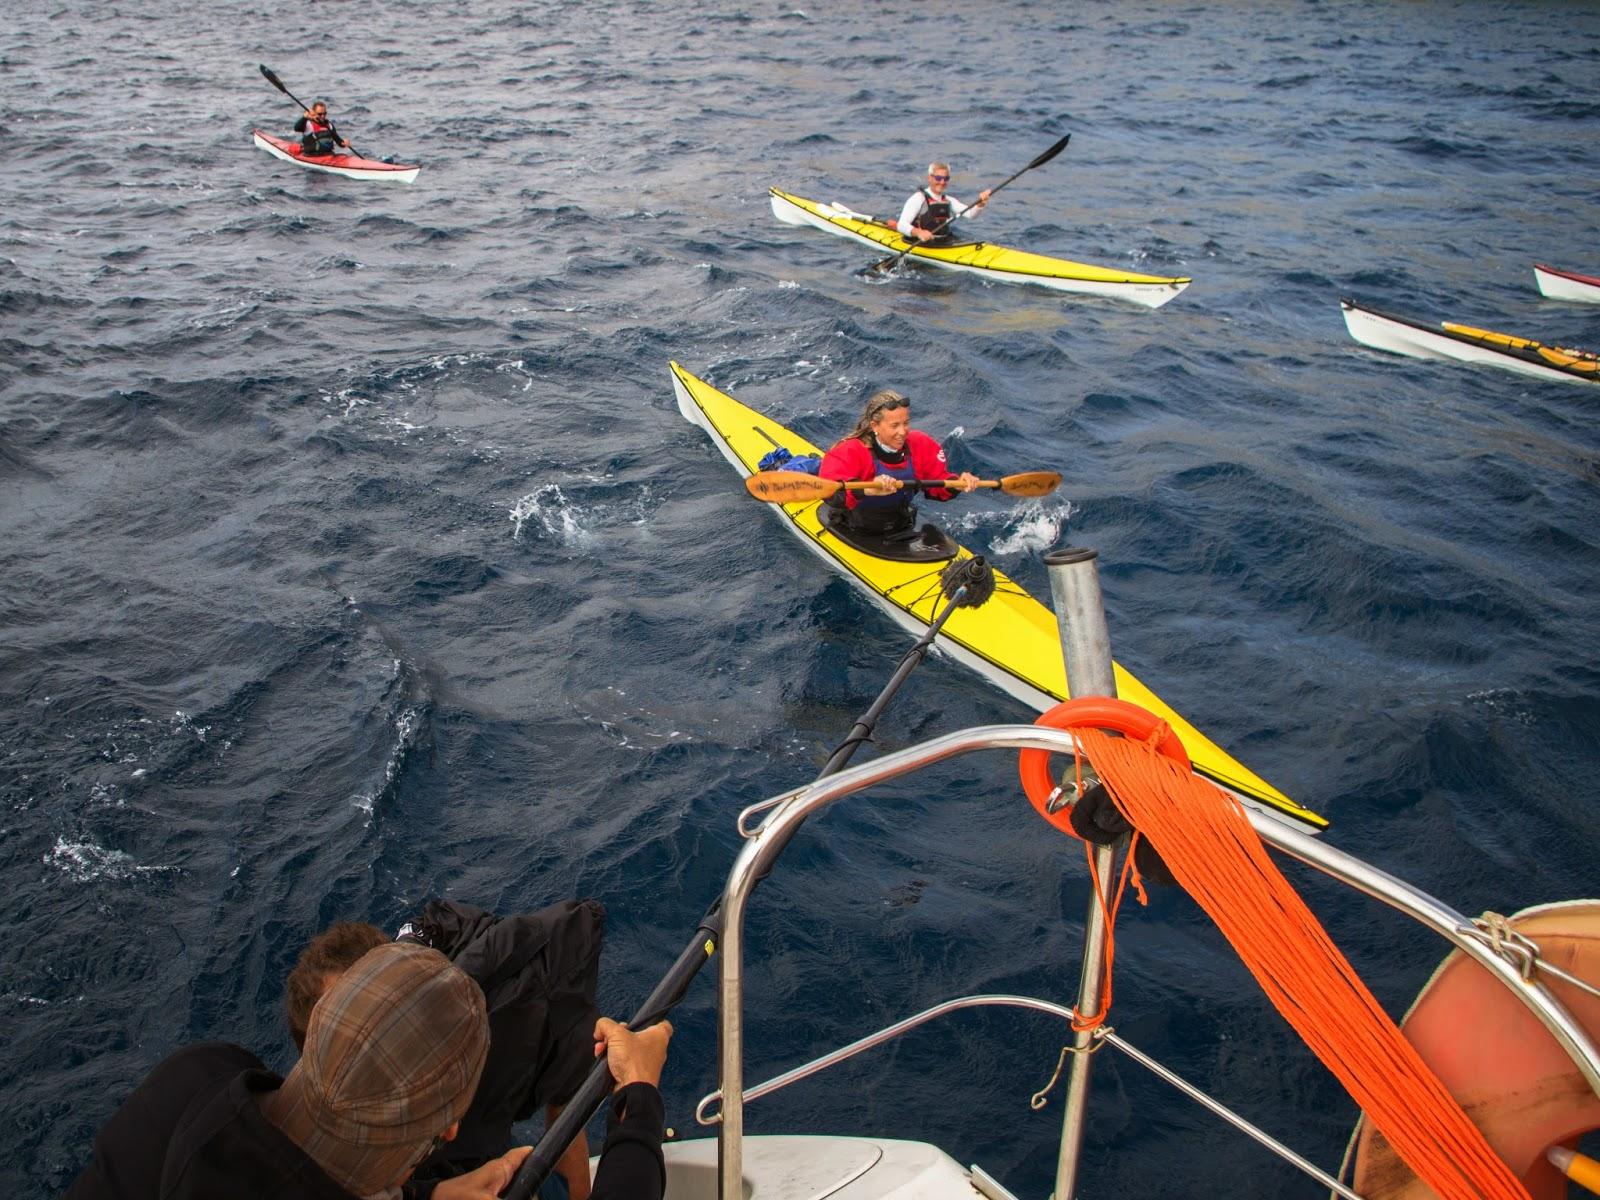 Tournage des scenes de kayak de mer pour Thalassa autour de Porquerolles